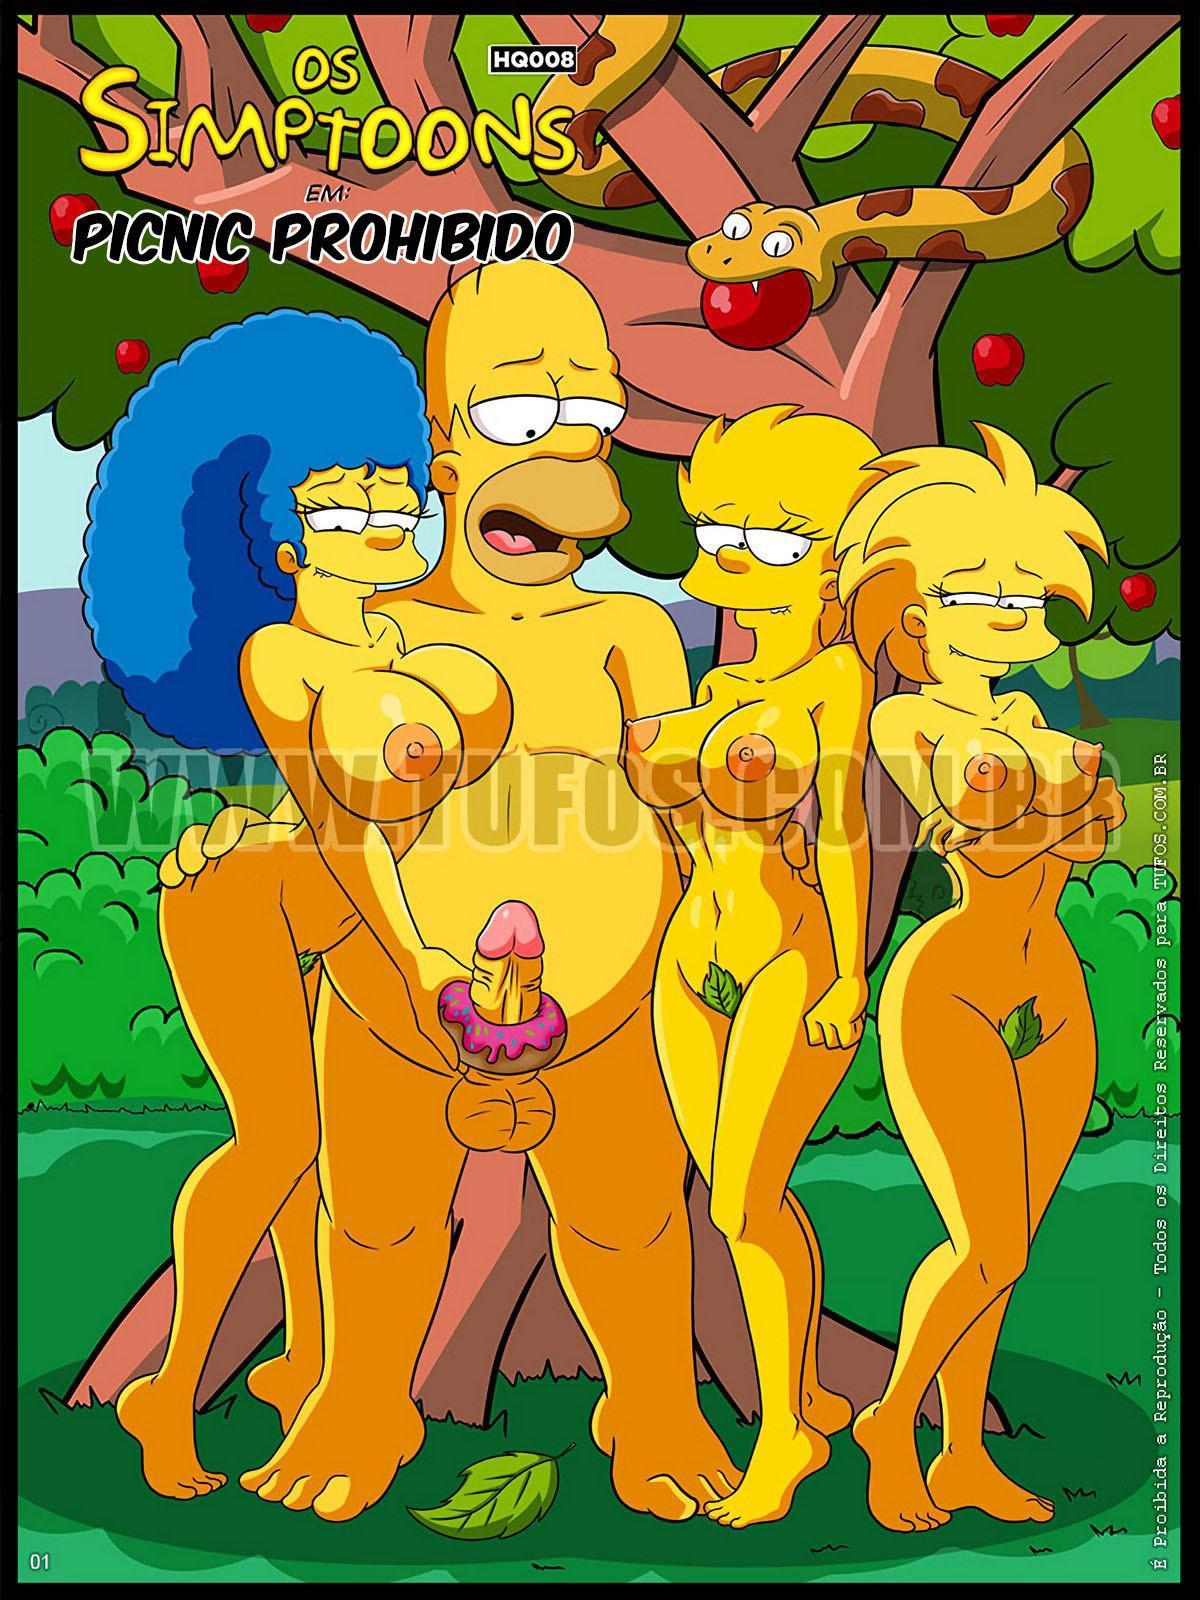 The Simpson en_ Picnic PROHIBIDO